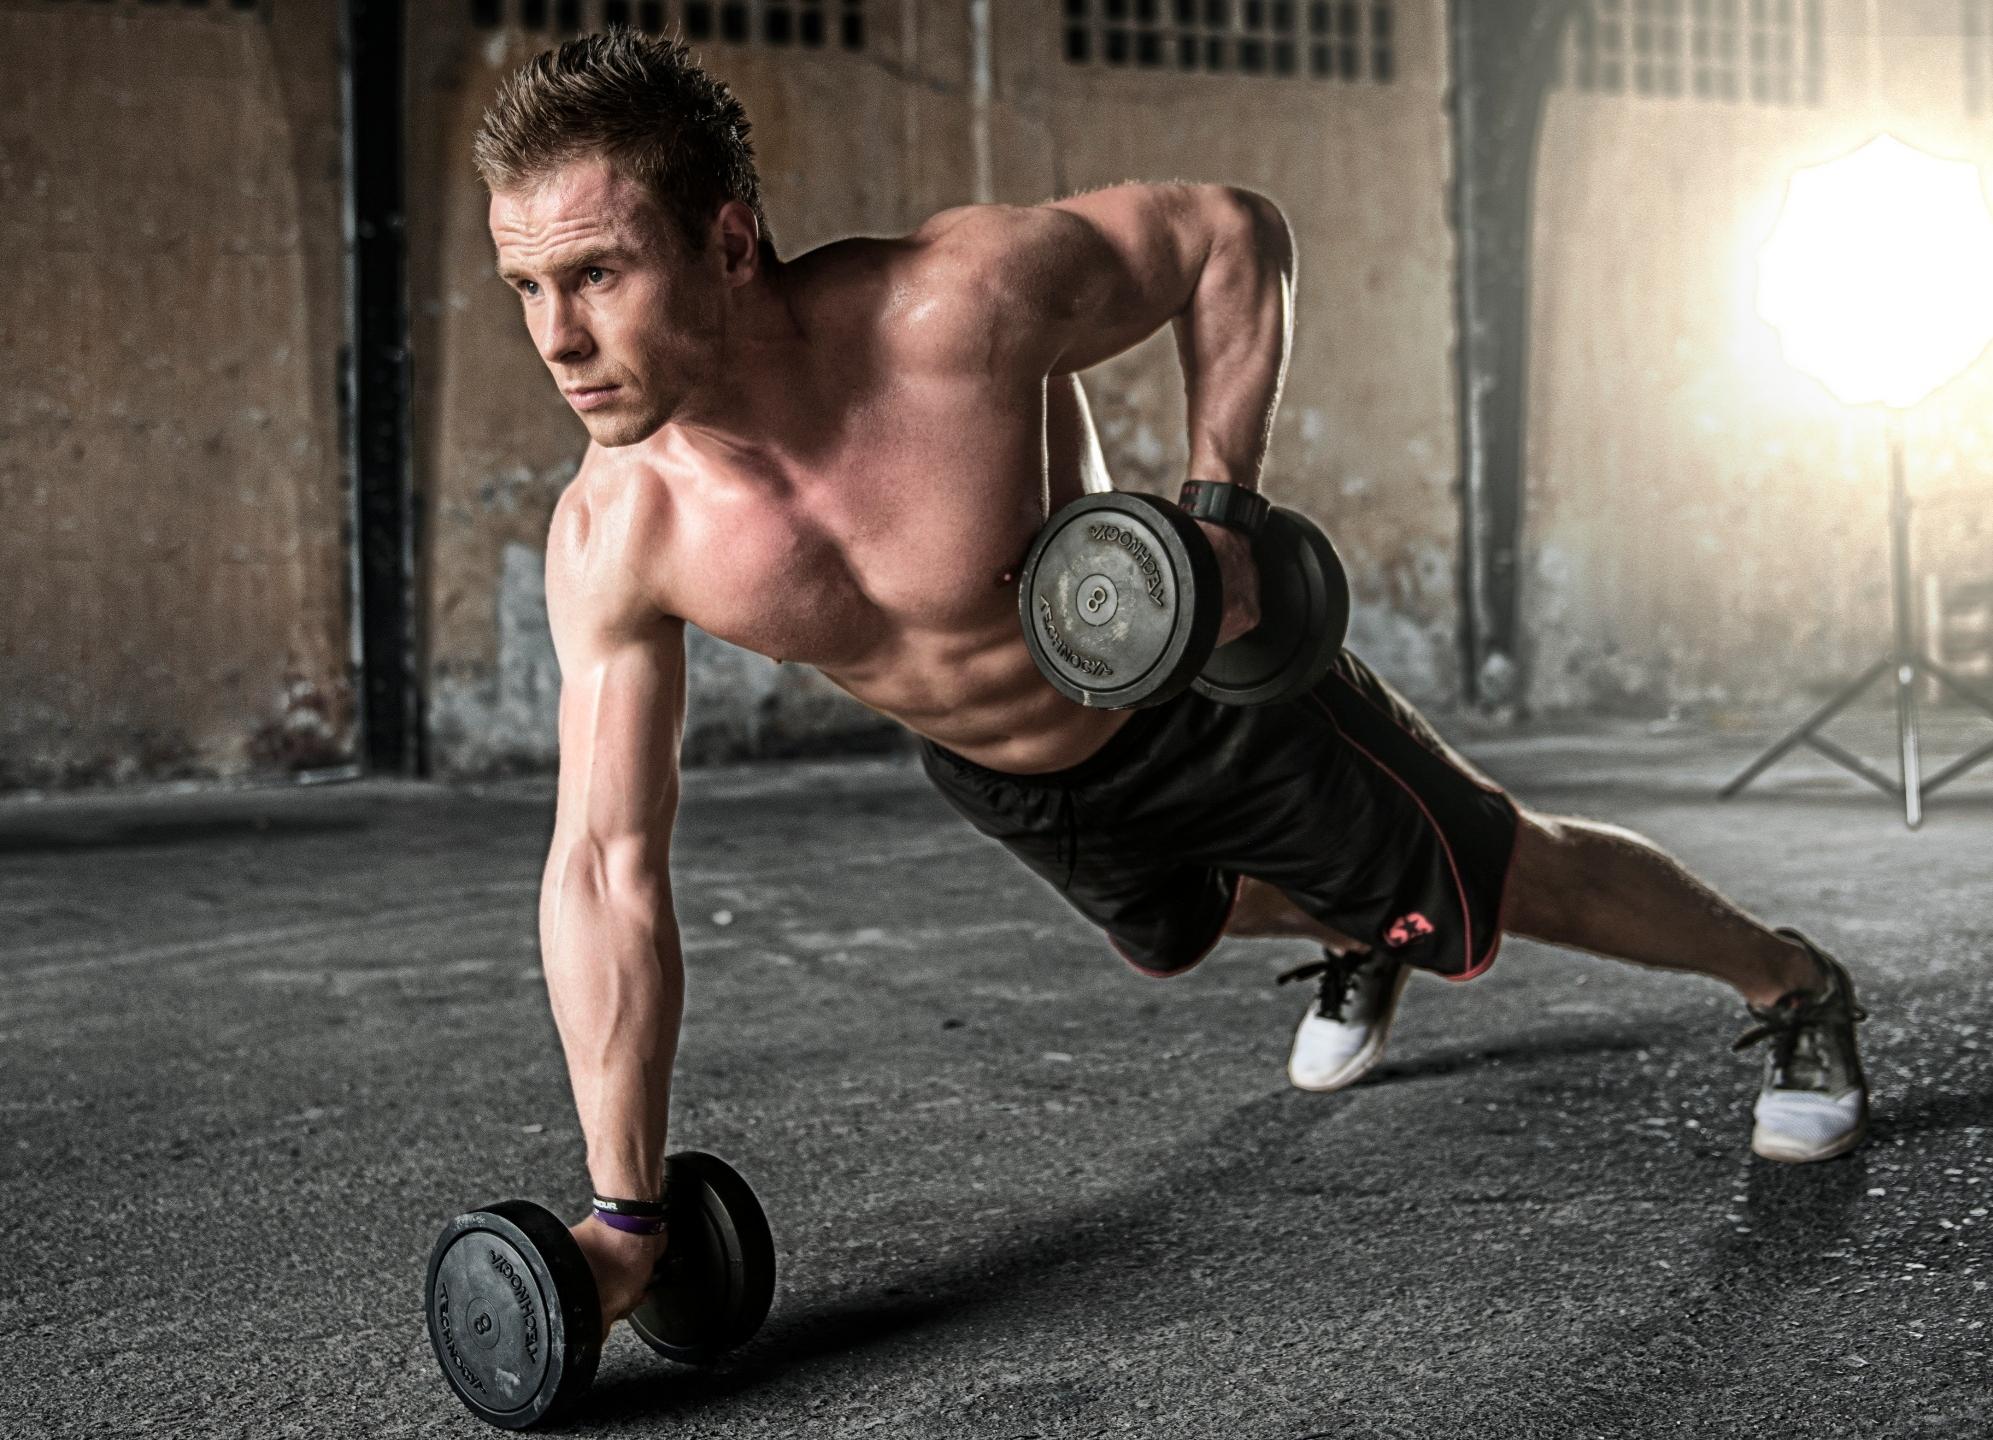 Mann mit Energie, Training